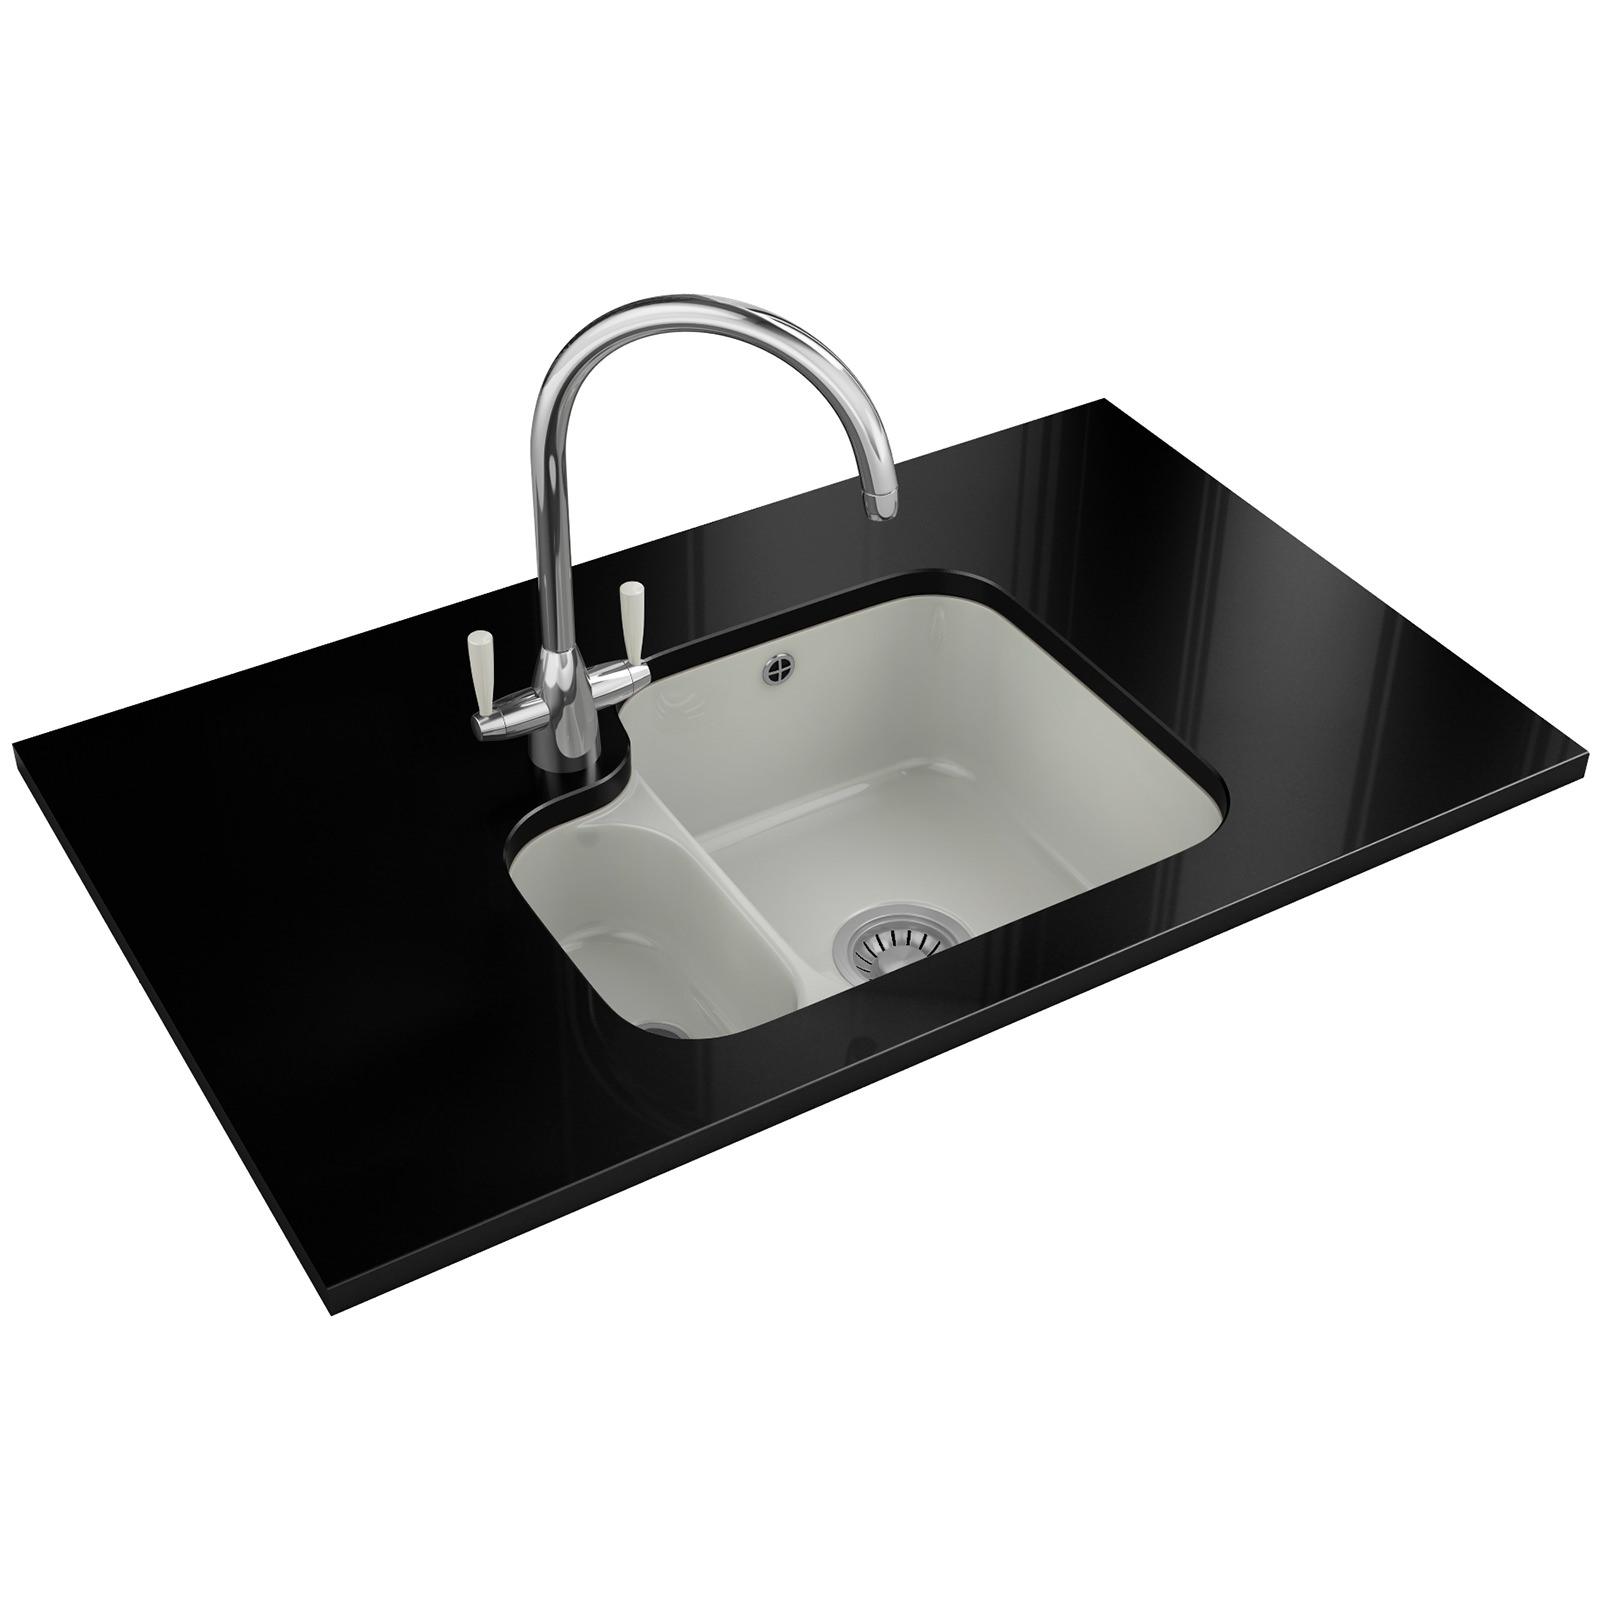 Franke V And B VBK 160 Ceramic White 1 5 Bowl Undermount Sink